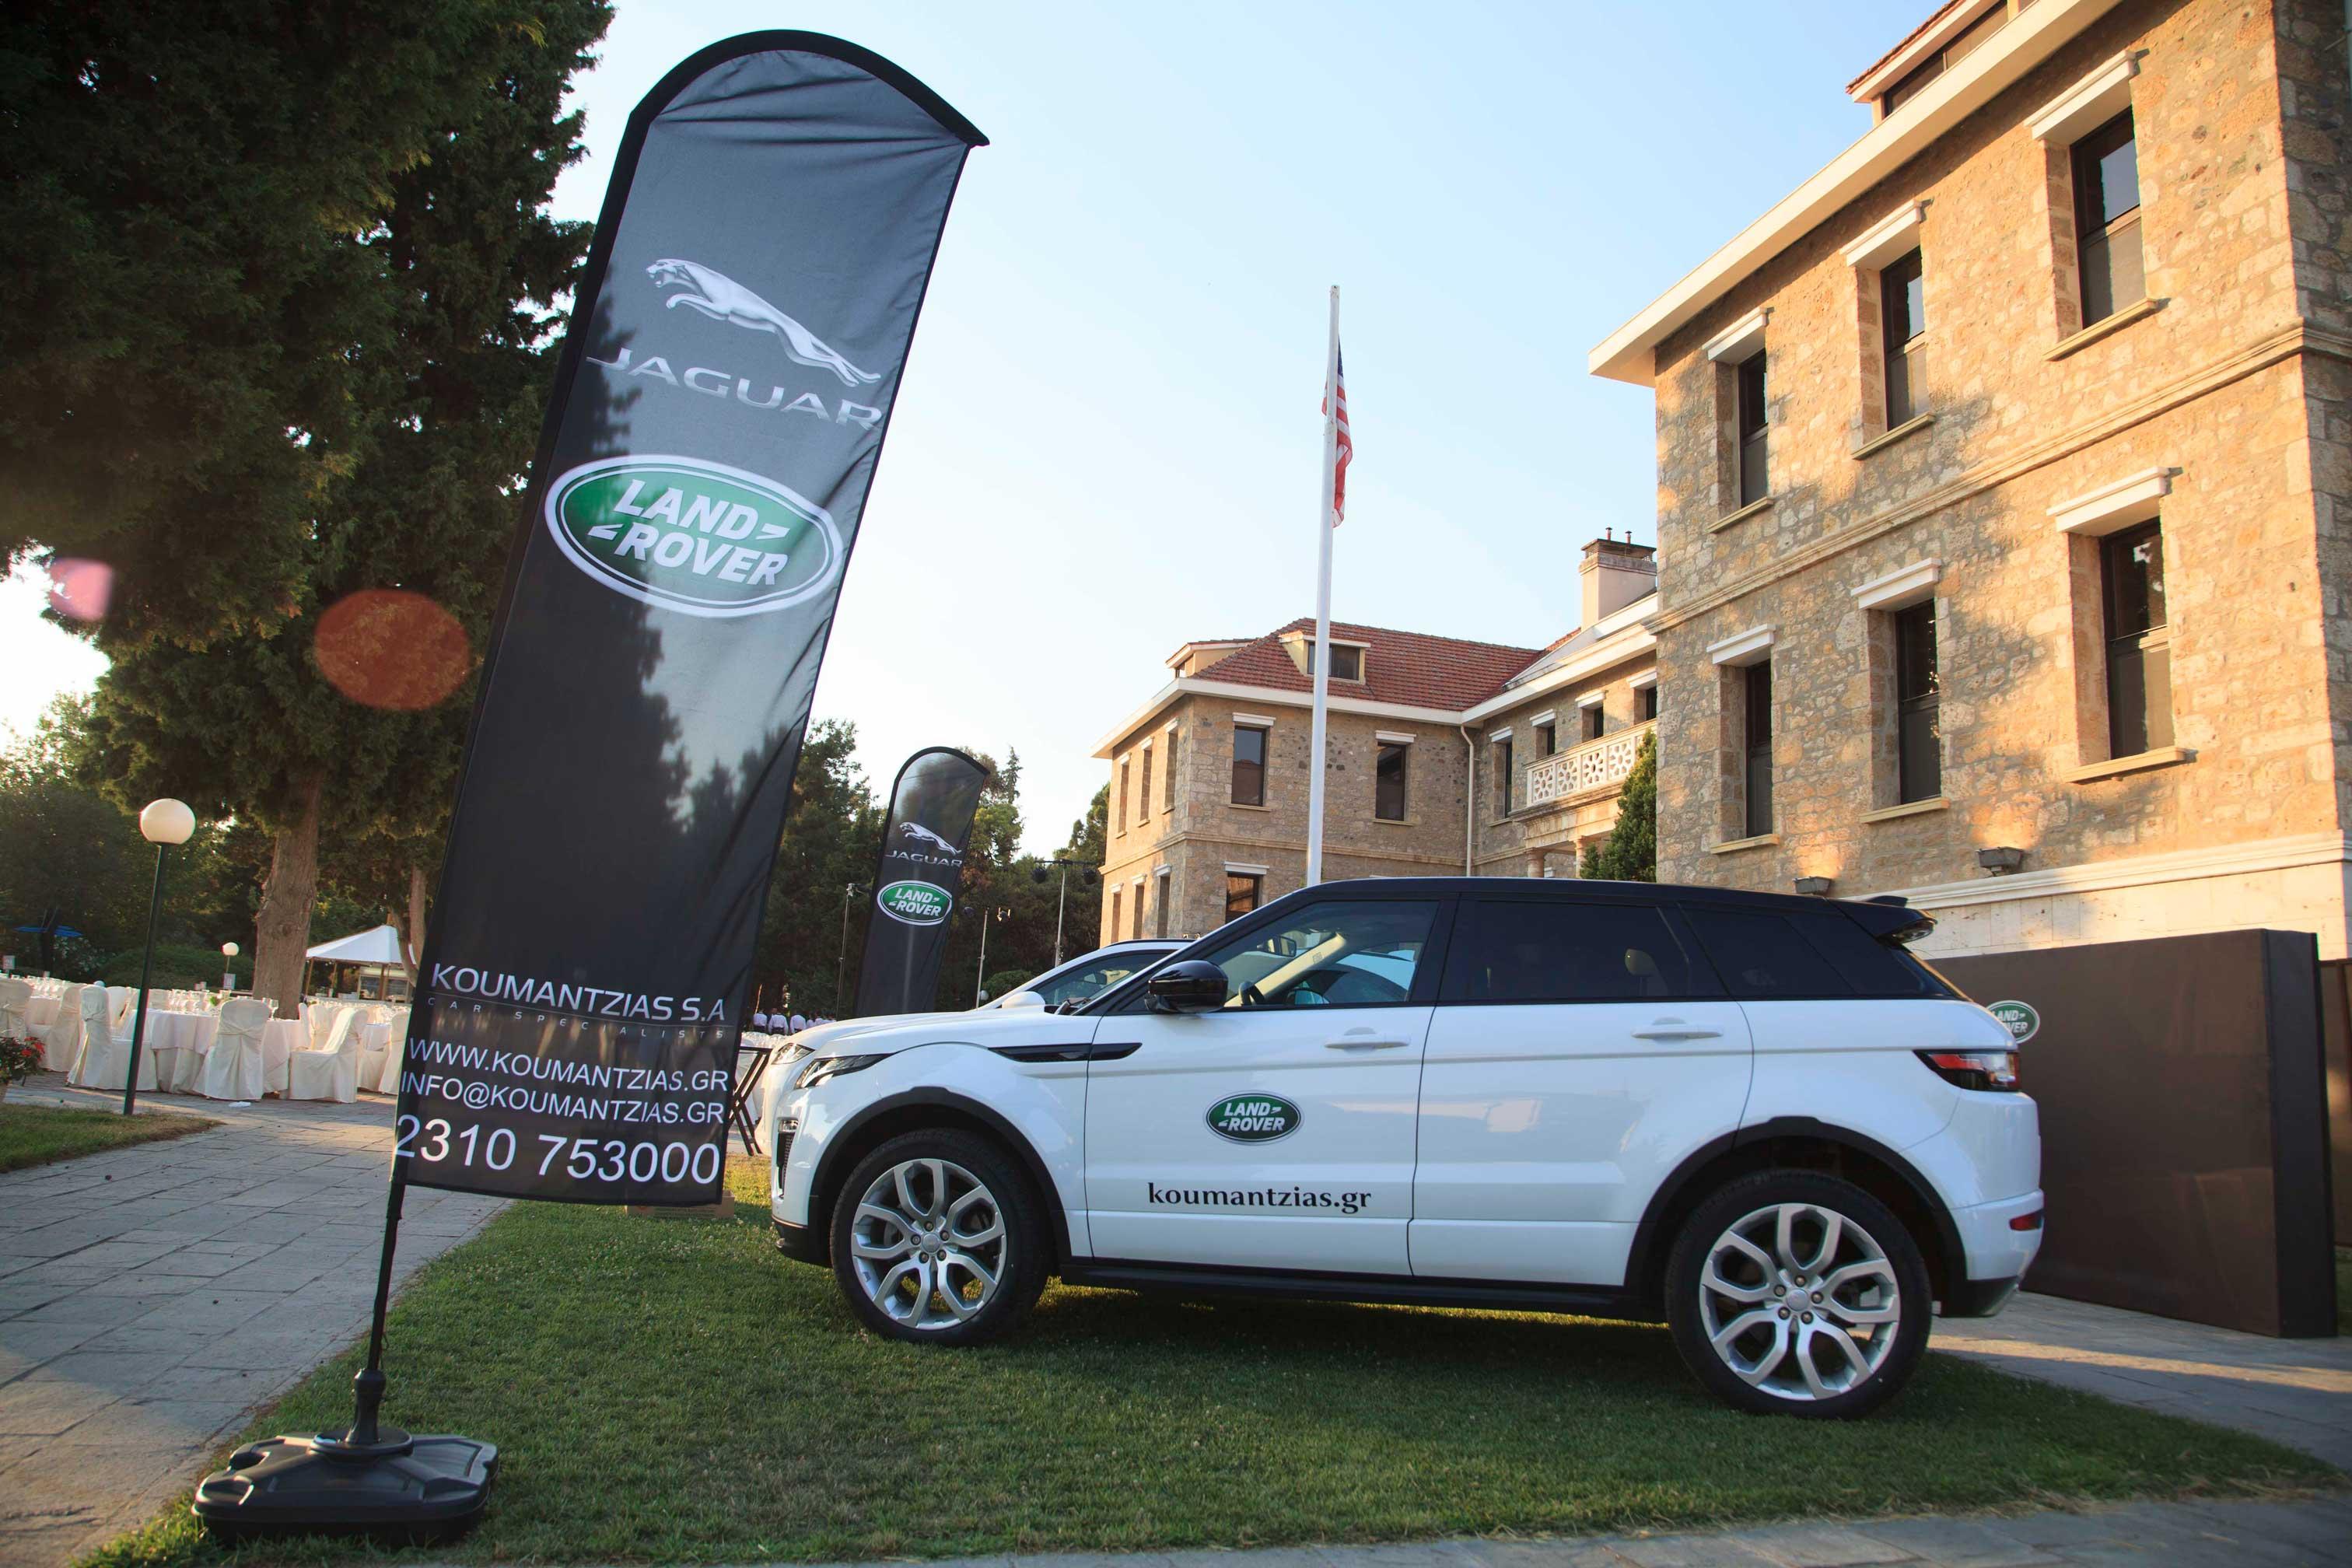 Η Jaguar LΗ Jaguar Land Rover Κουμαντζιάς Α.Ε. στον Χορό κάτω από τα Άστρα της Αμερικάνικης Γεωργικής Σχολής με την jaguar fpace και το Land Rove evoqueand Rover Κουμαντζιάς Α.Ε. στον Χορό κάτω από τα Άστρα της Αμερικάνικης Γεωργικής Σχολής